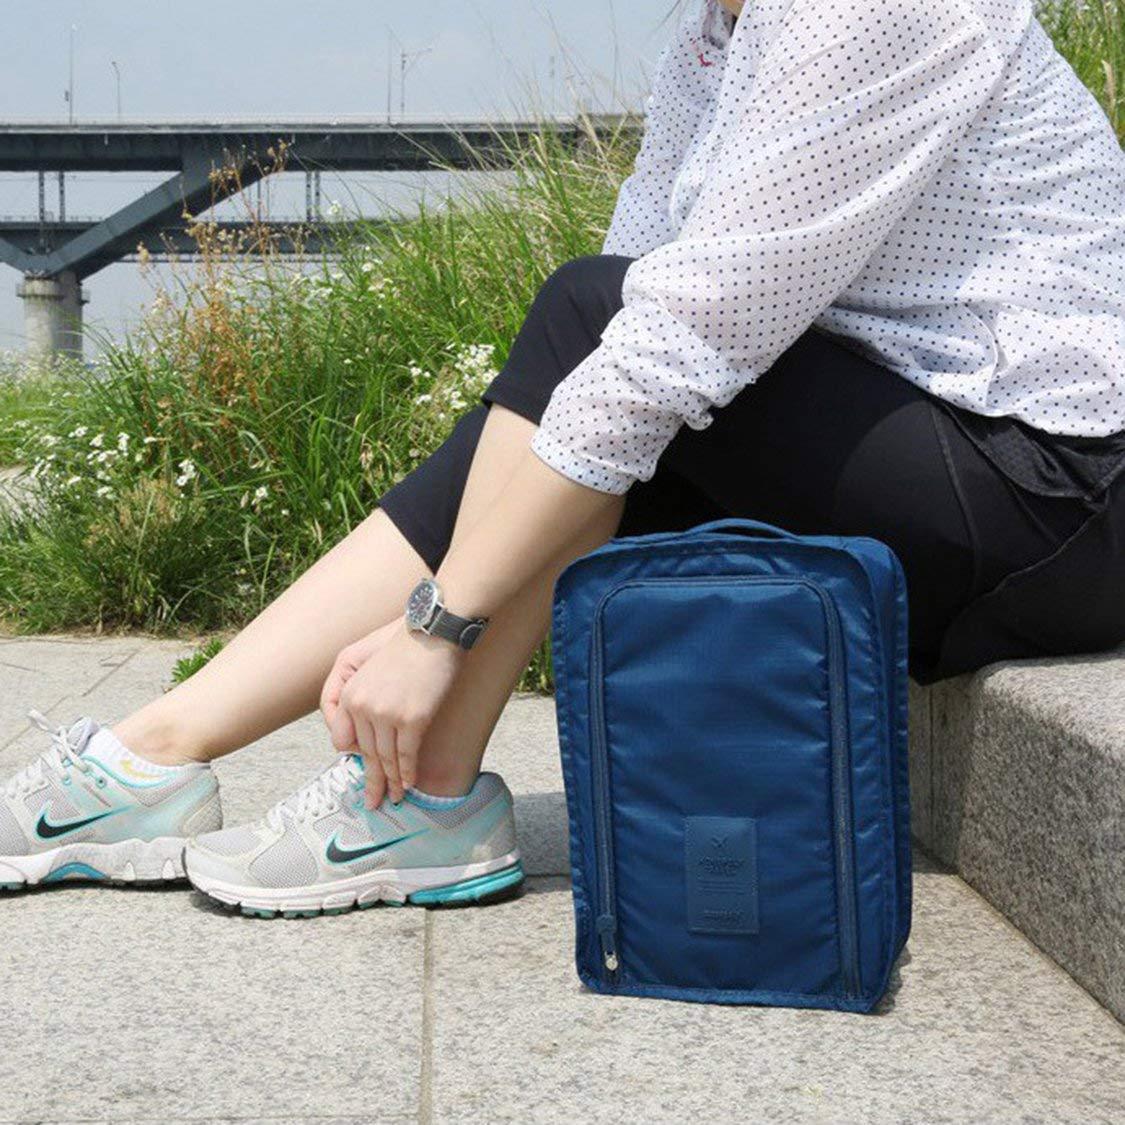 Sacs de Rangement pour Hommes Bleu Marine Vige Sacs de Rangement pour Chaussures imperm/éables Hommes et Femmes